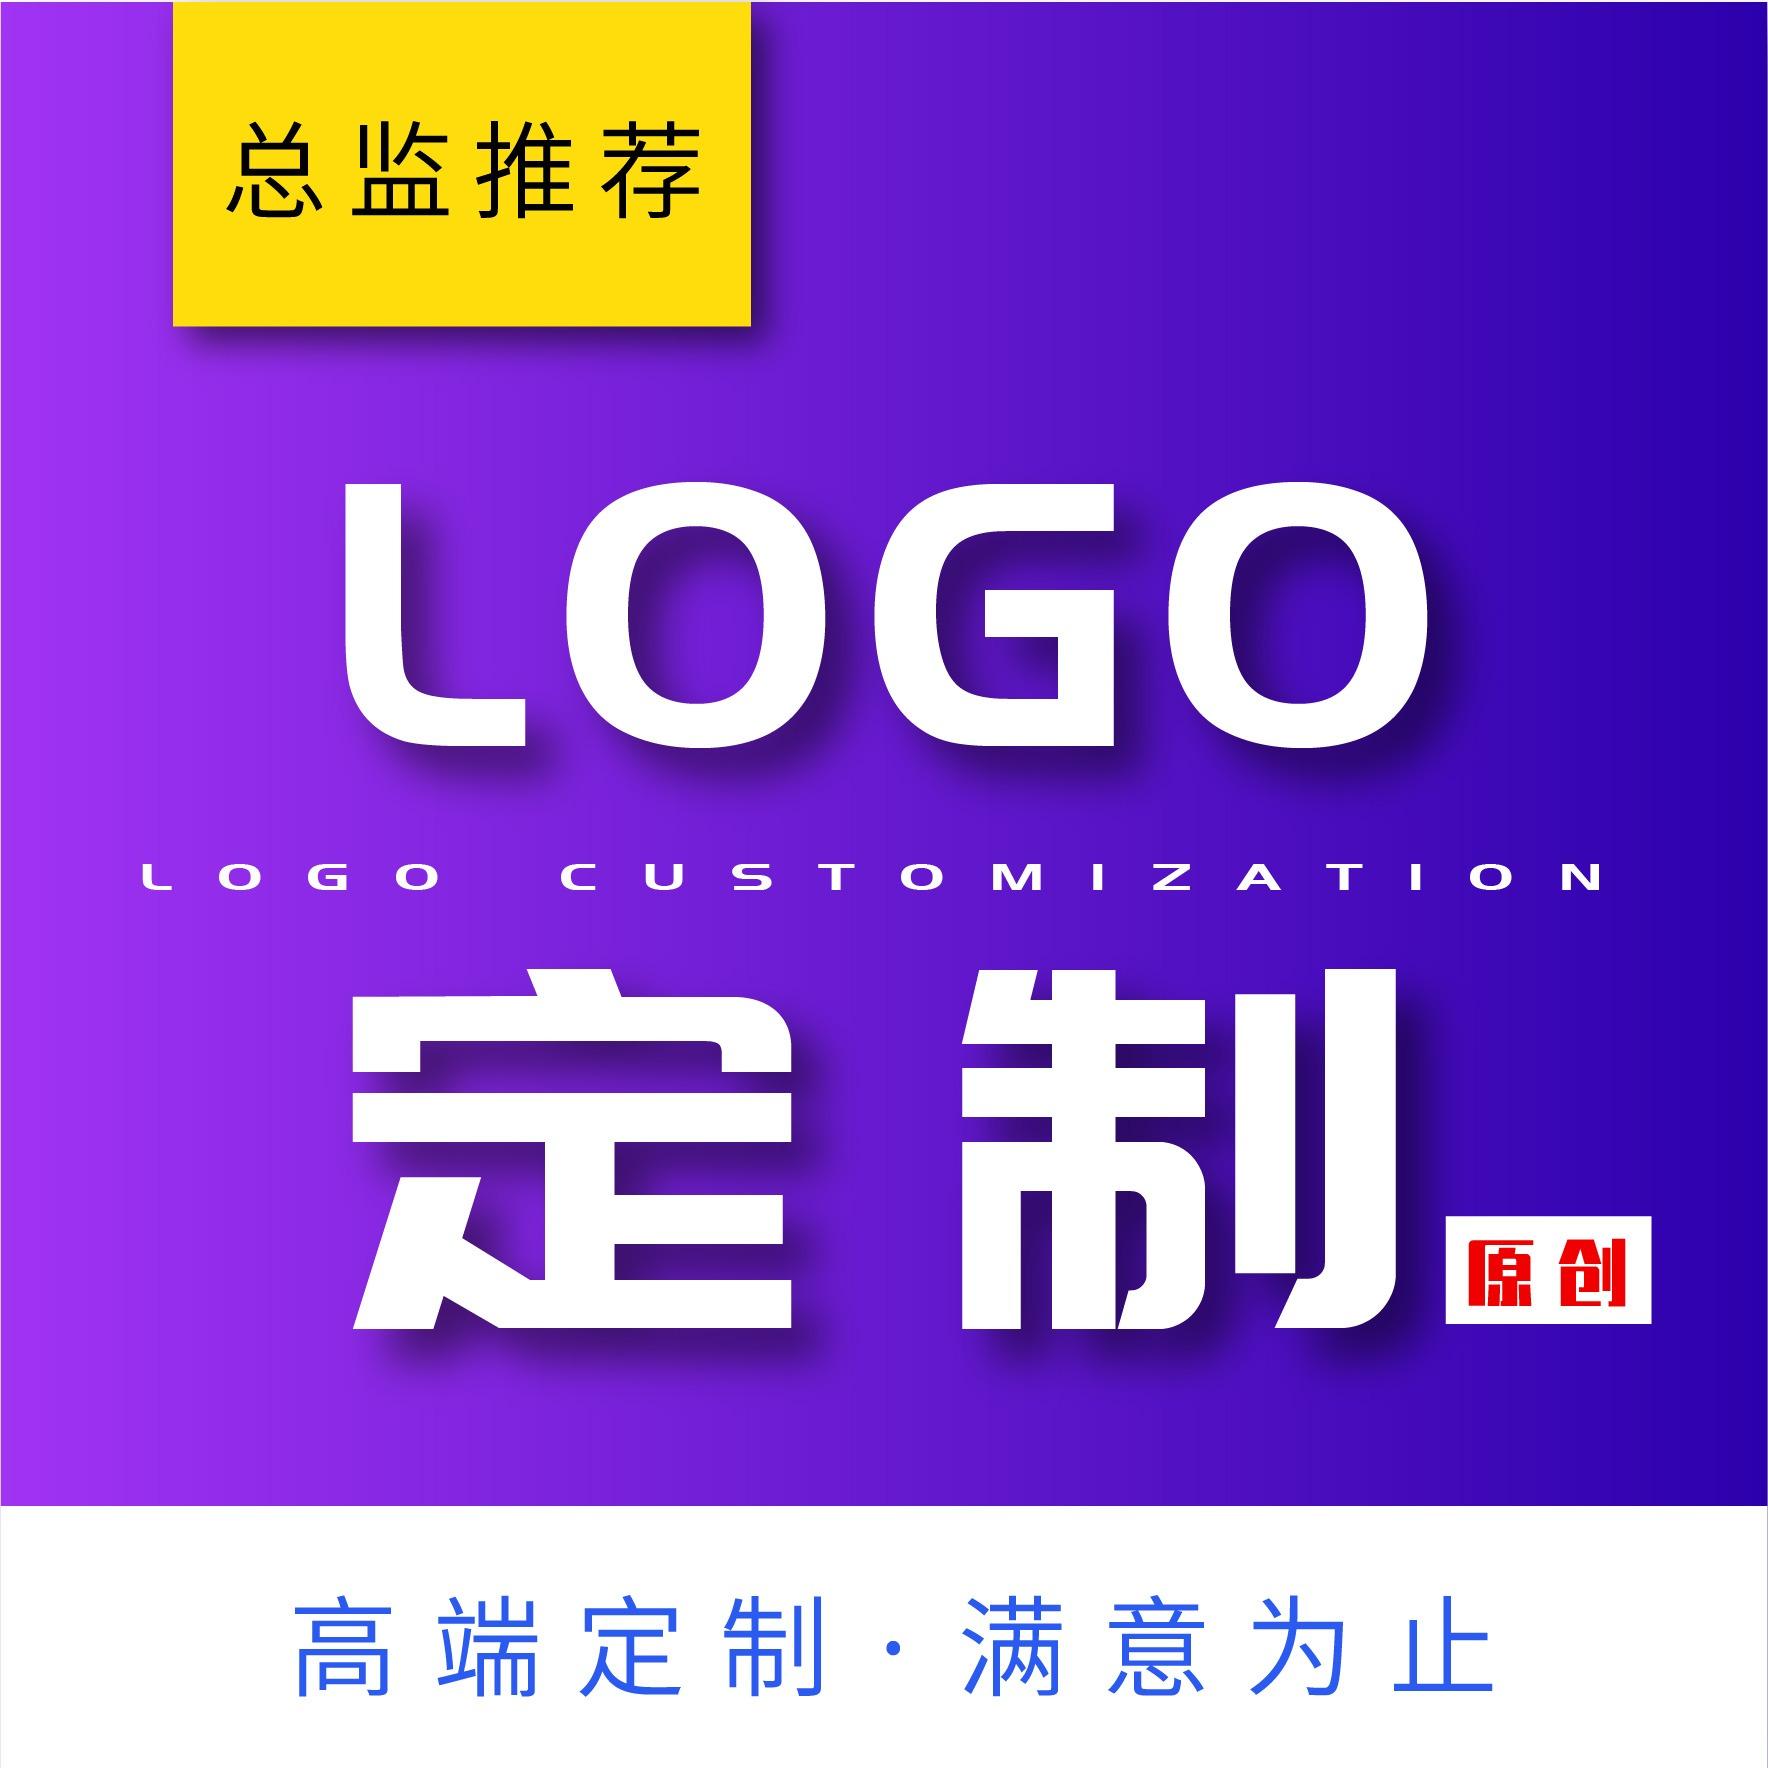 外贸标志设计 LOGO 设计品牌标志品牌国际化设计商标品牌设计